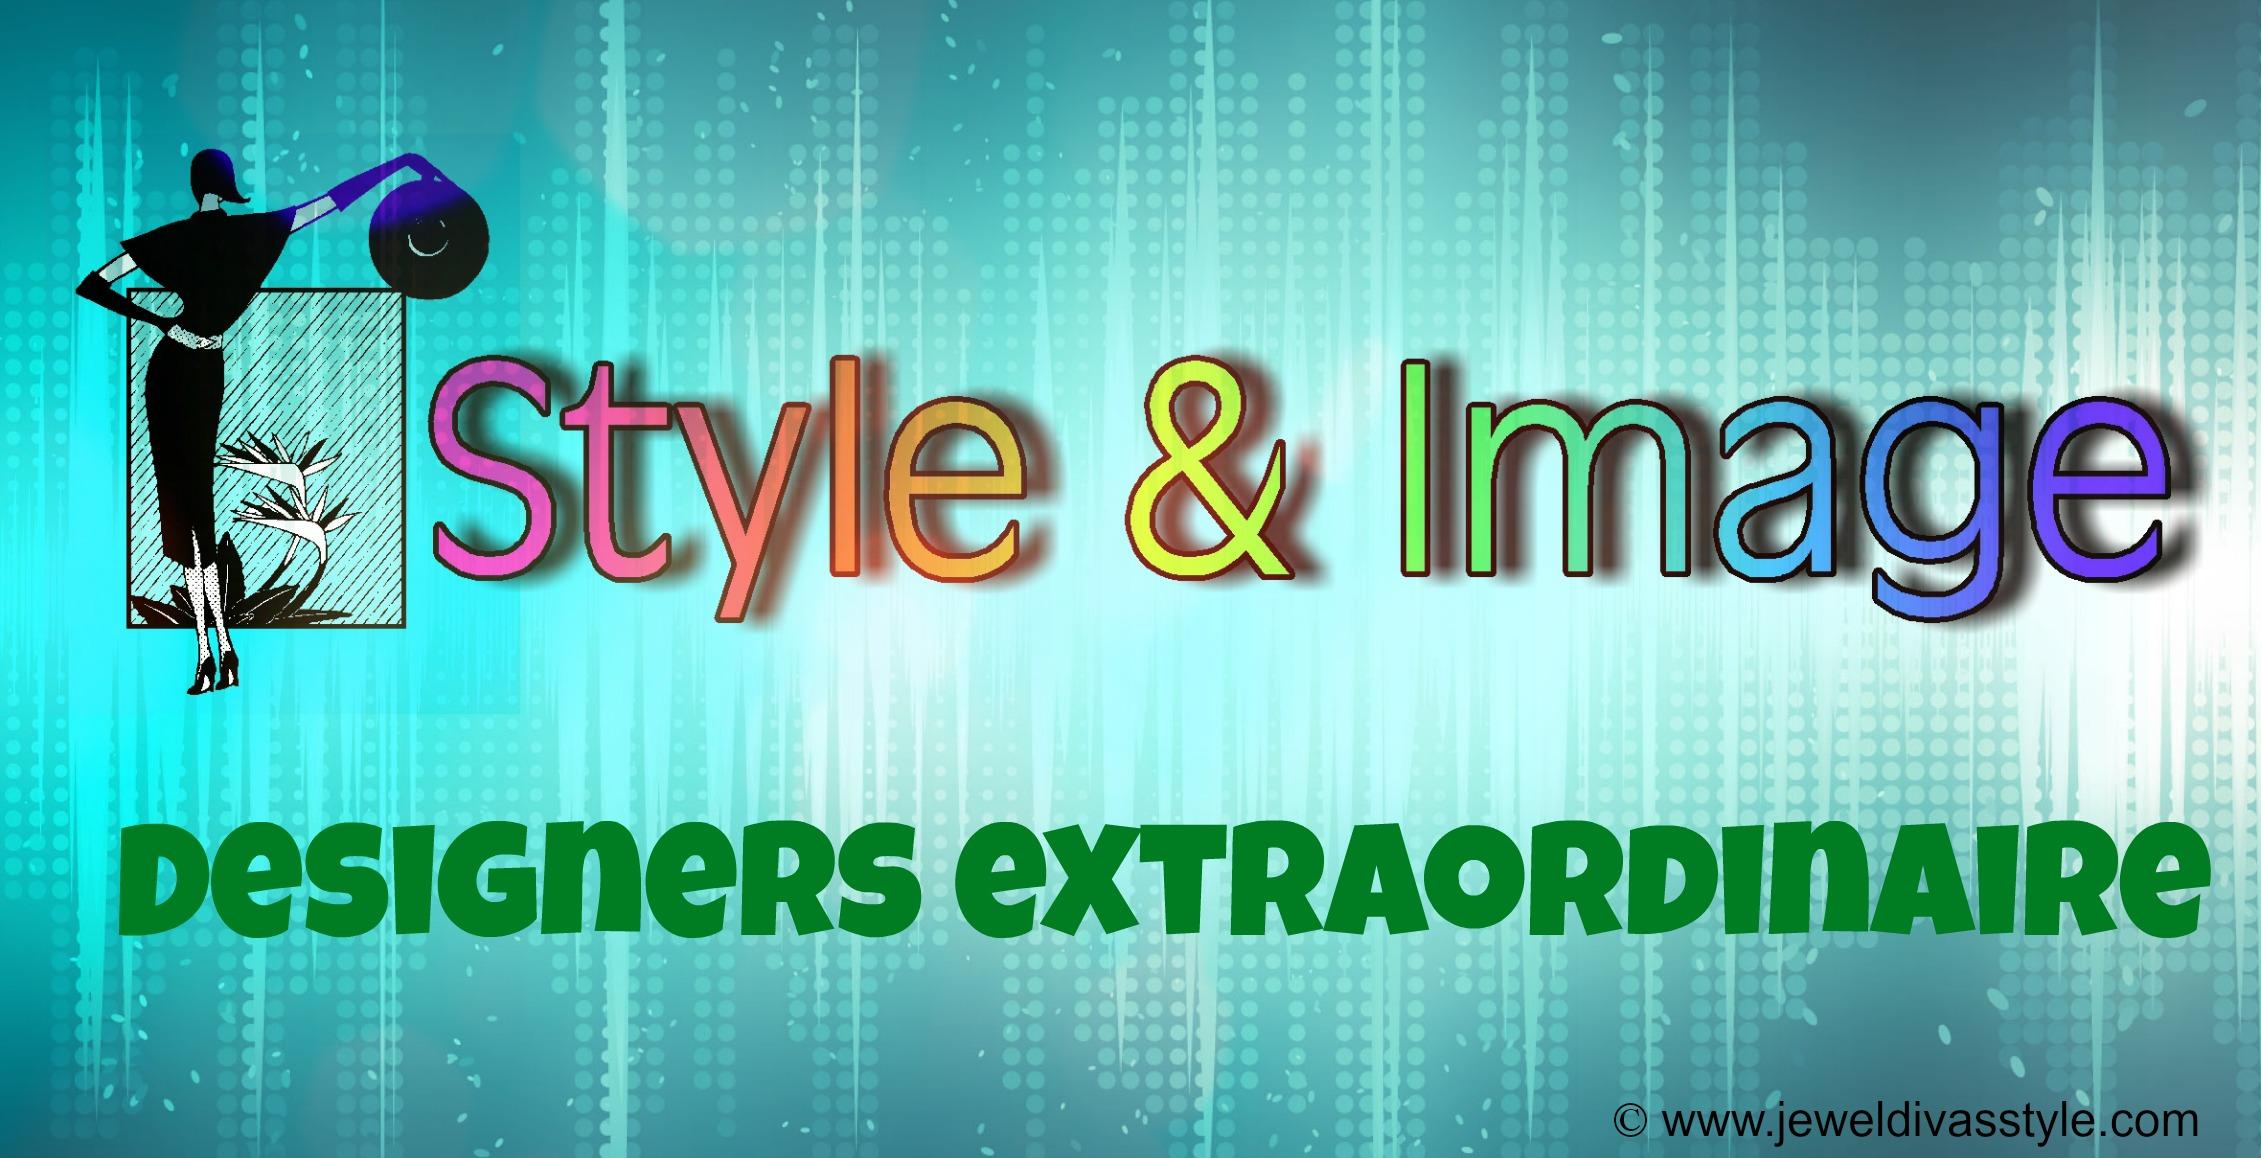 STYLE & IMAGE: Designers Extraordinaire